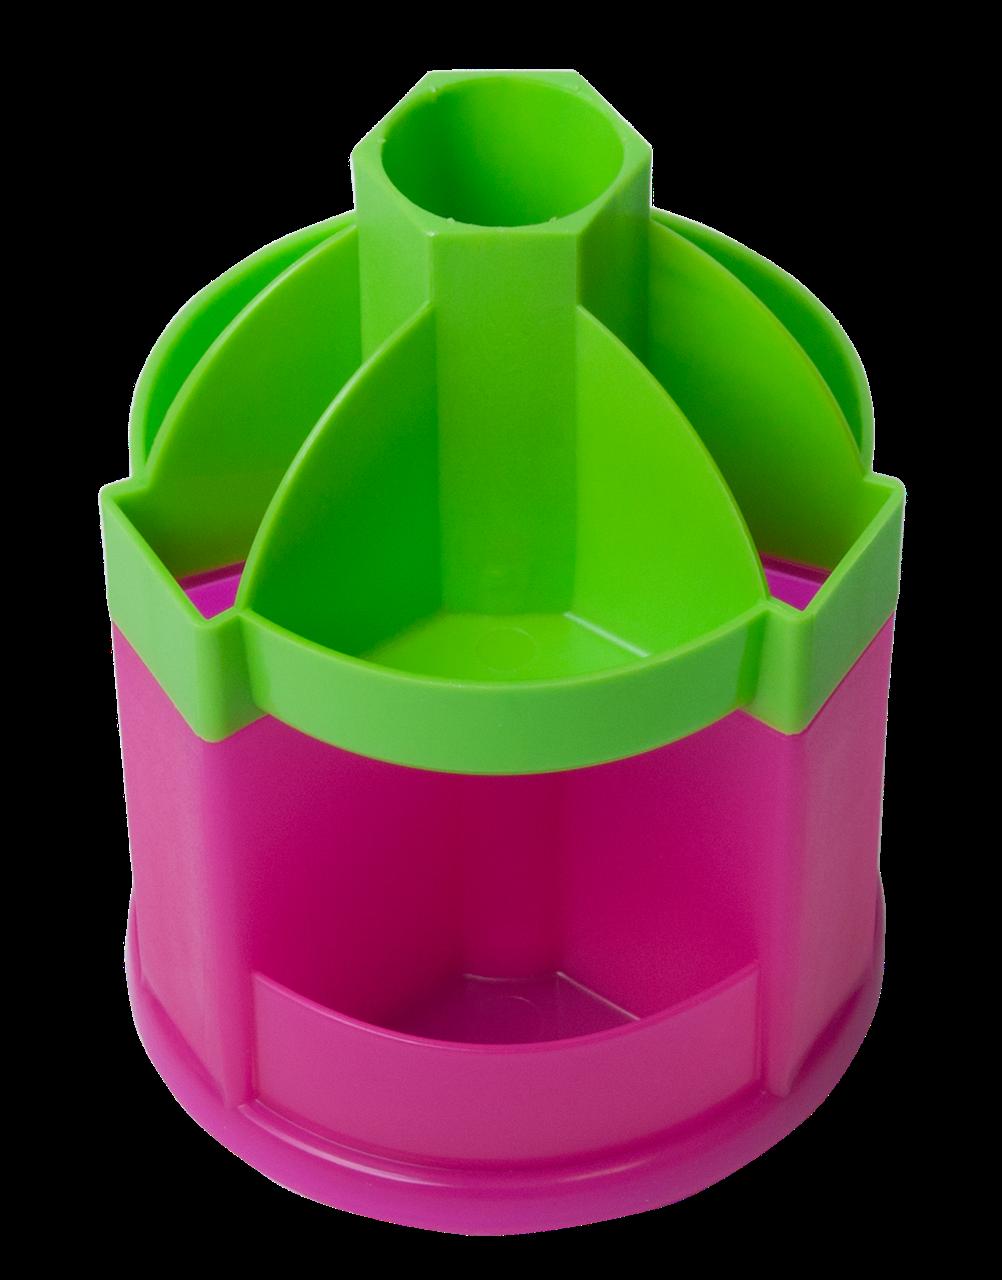 """Настольный набор """"ZiBi"""", 3019-1510, вращается, салатово-розовый, 115489 /КЦ"""